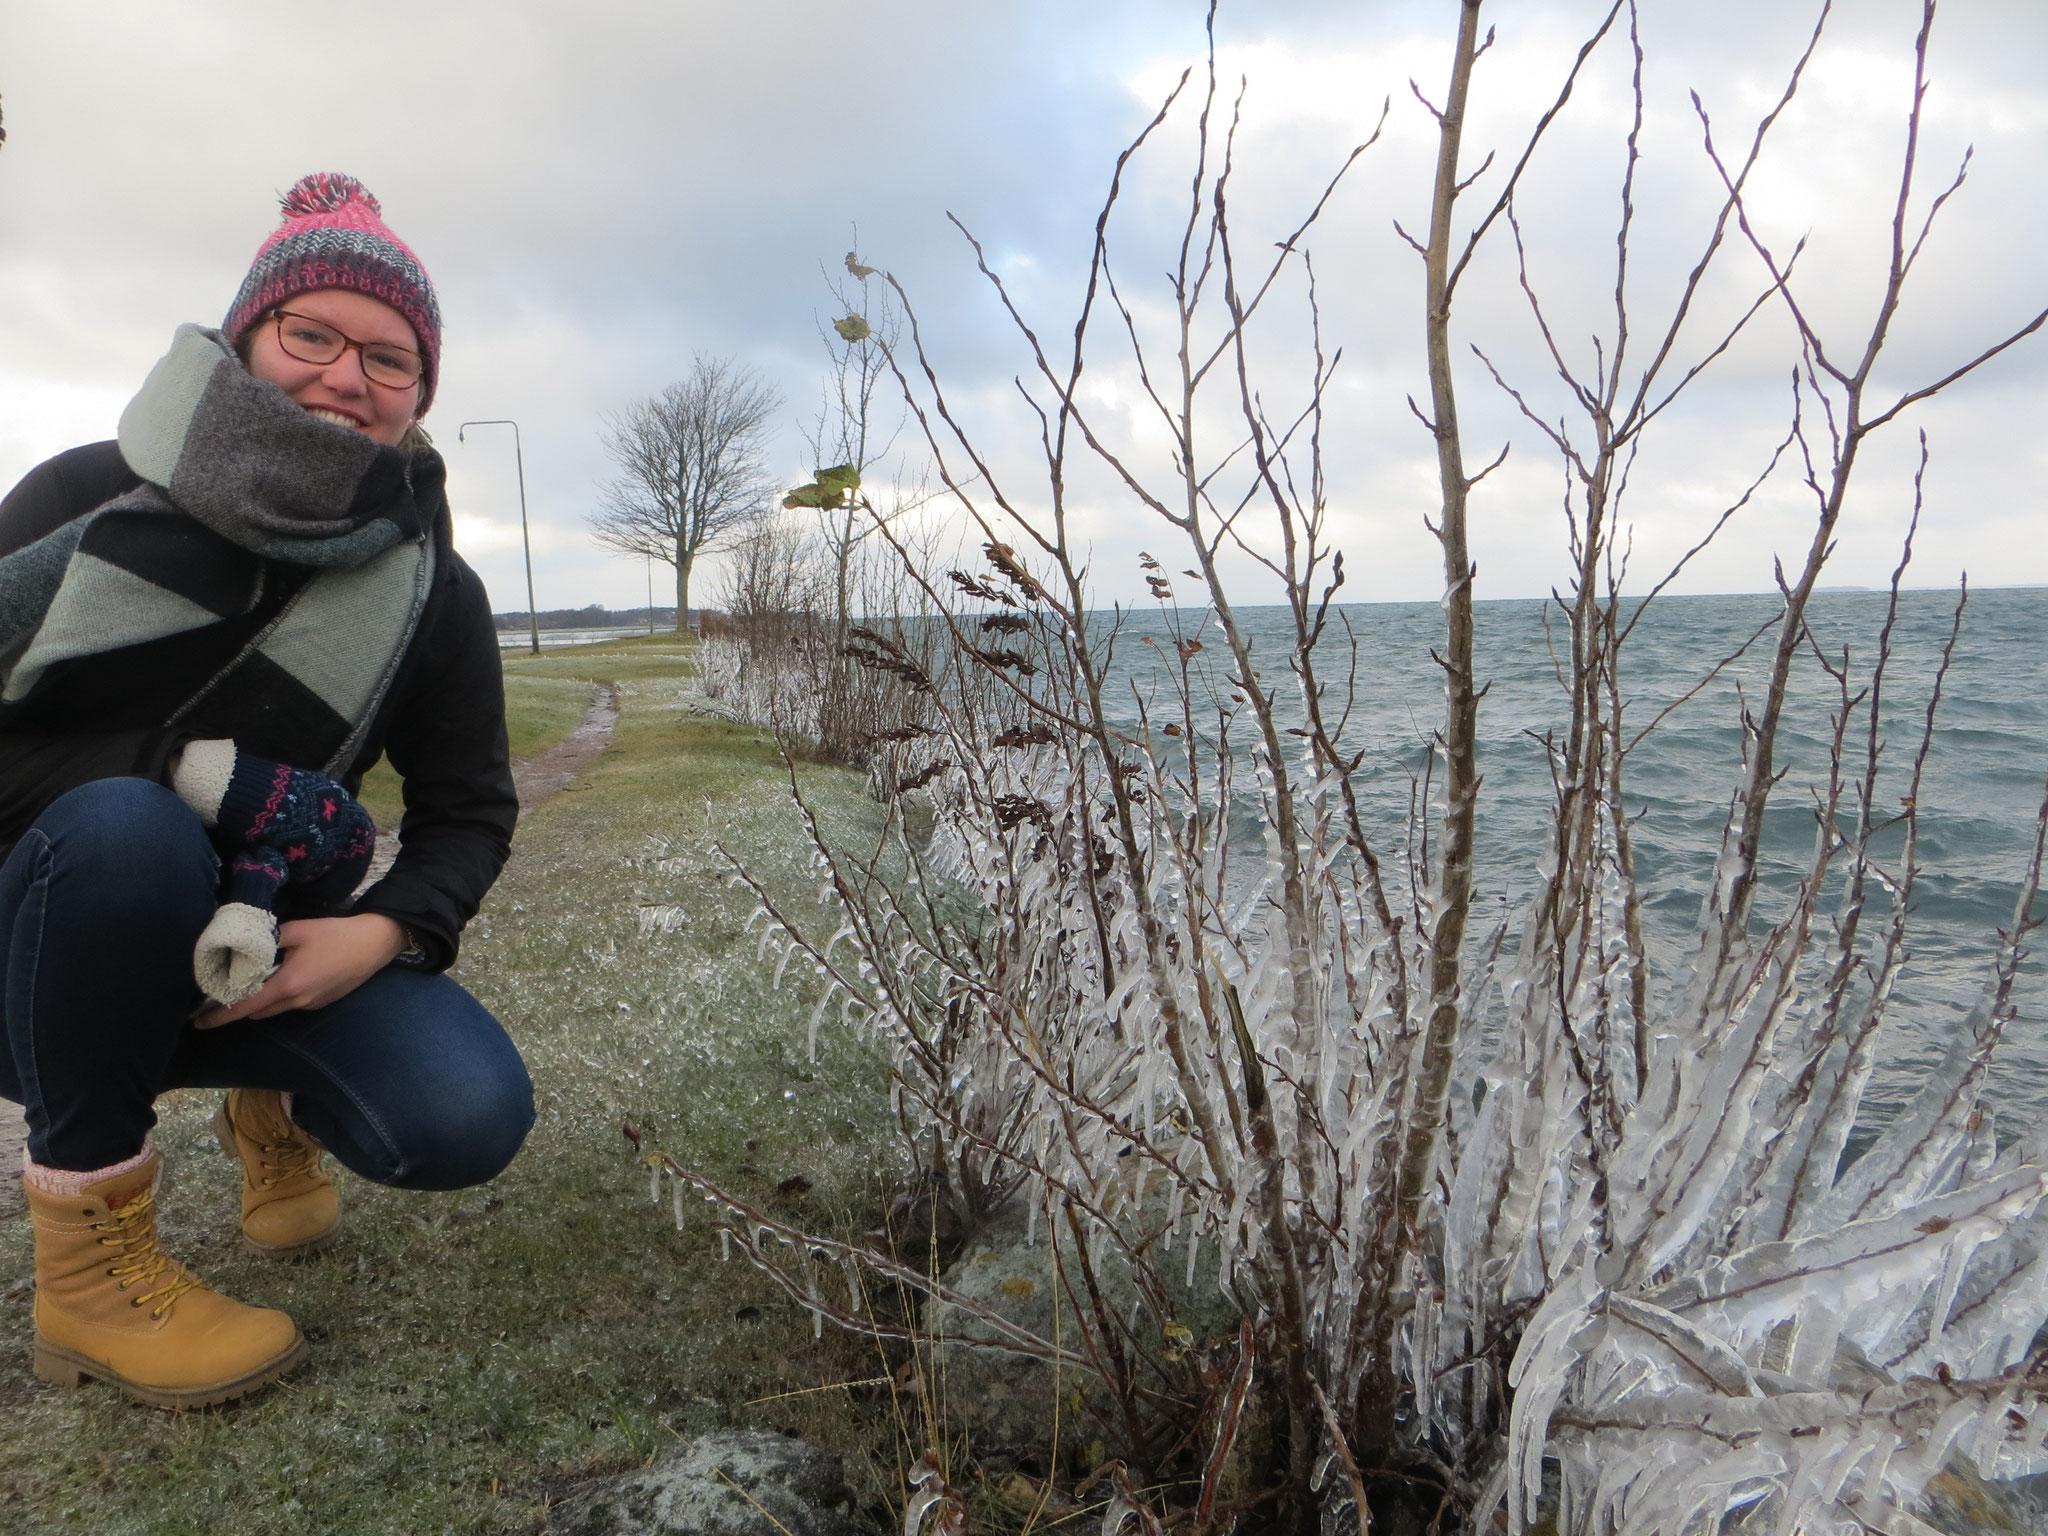 Anne Hemken bestaunt Eiszapfen am Vätternsee